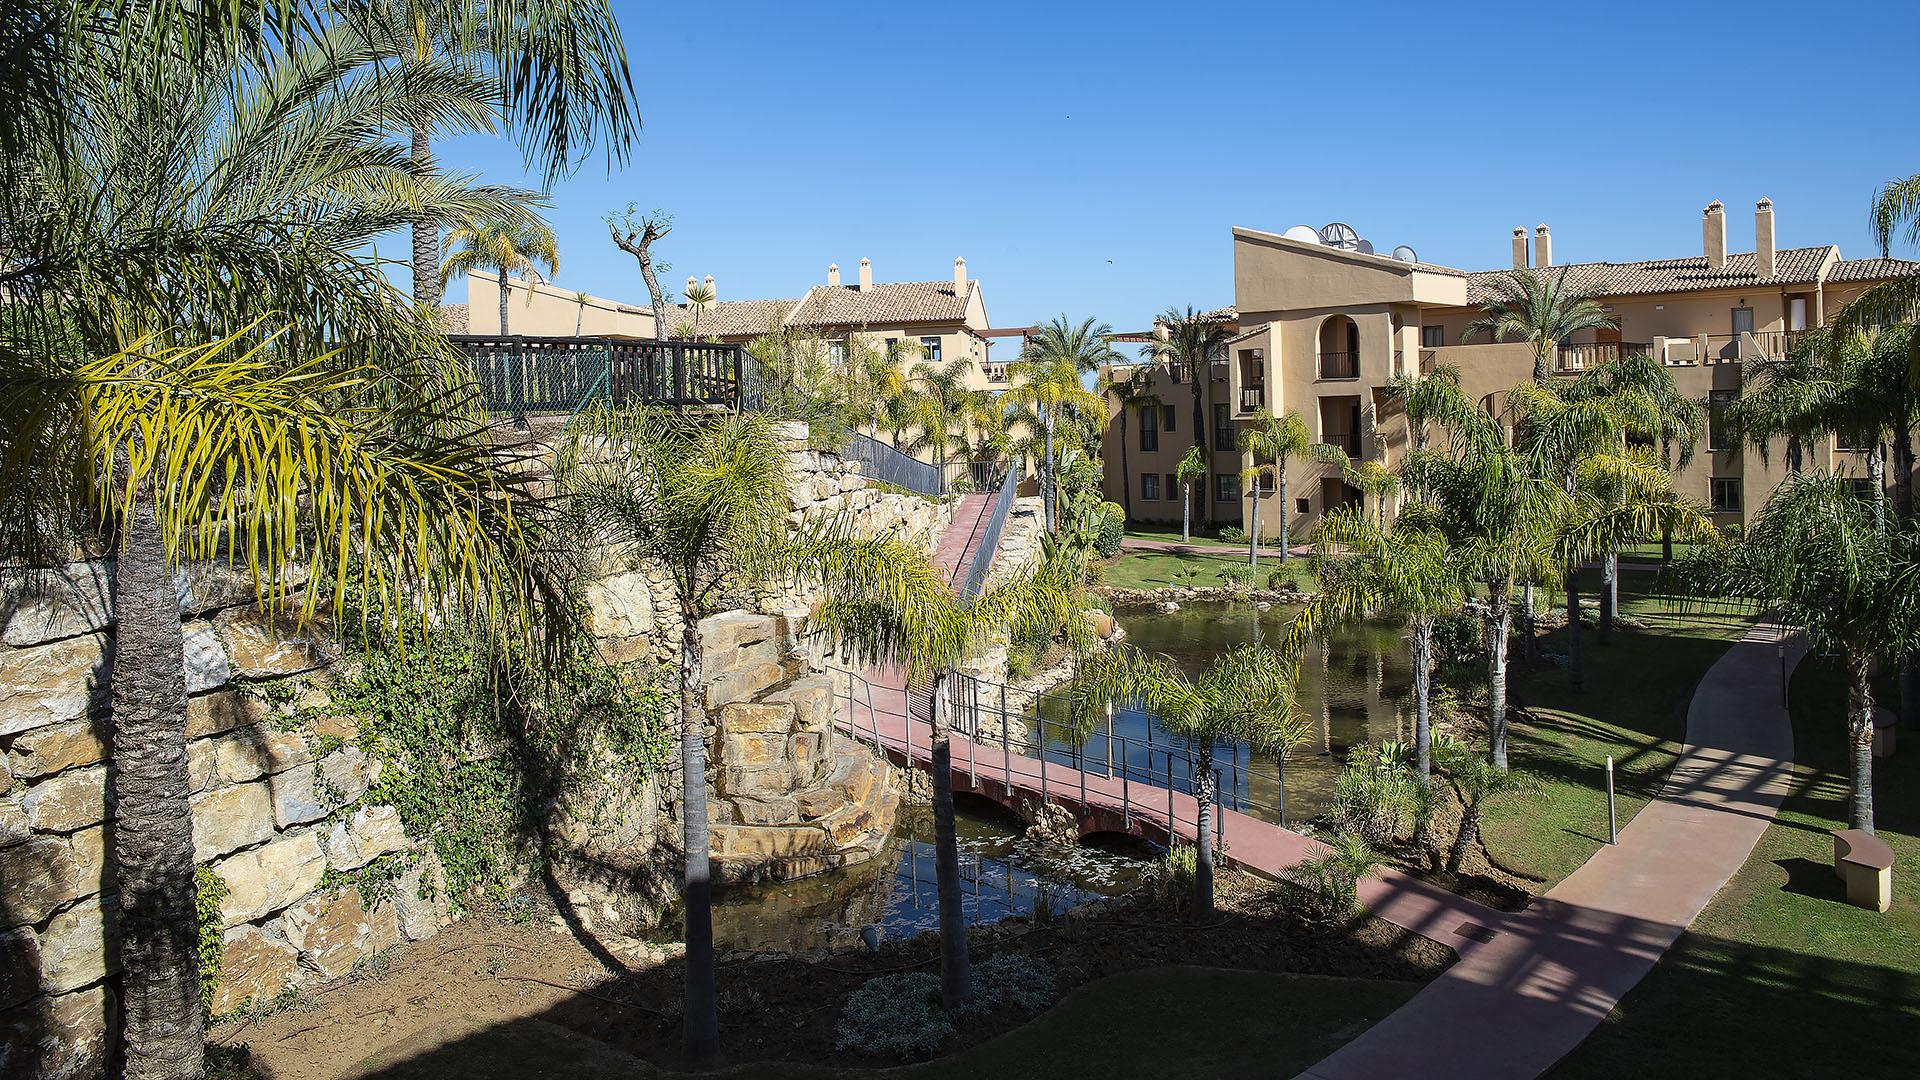 The Hacienda Collection: Appartementen in een prestigieuze urbanisatie in Benahavís